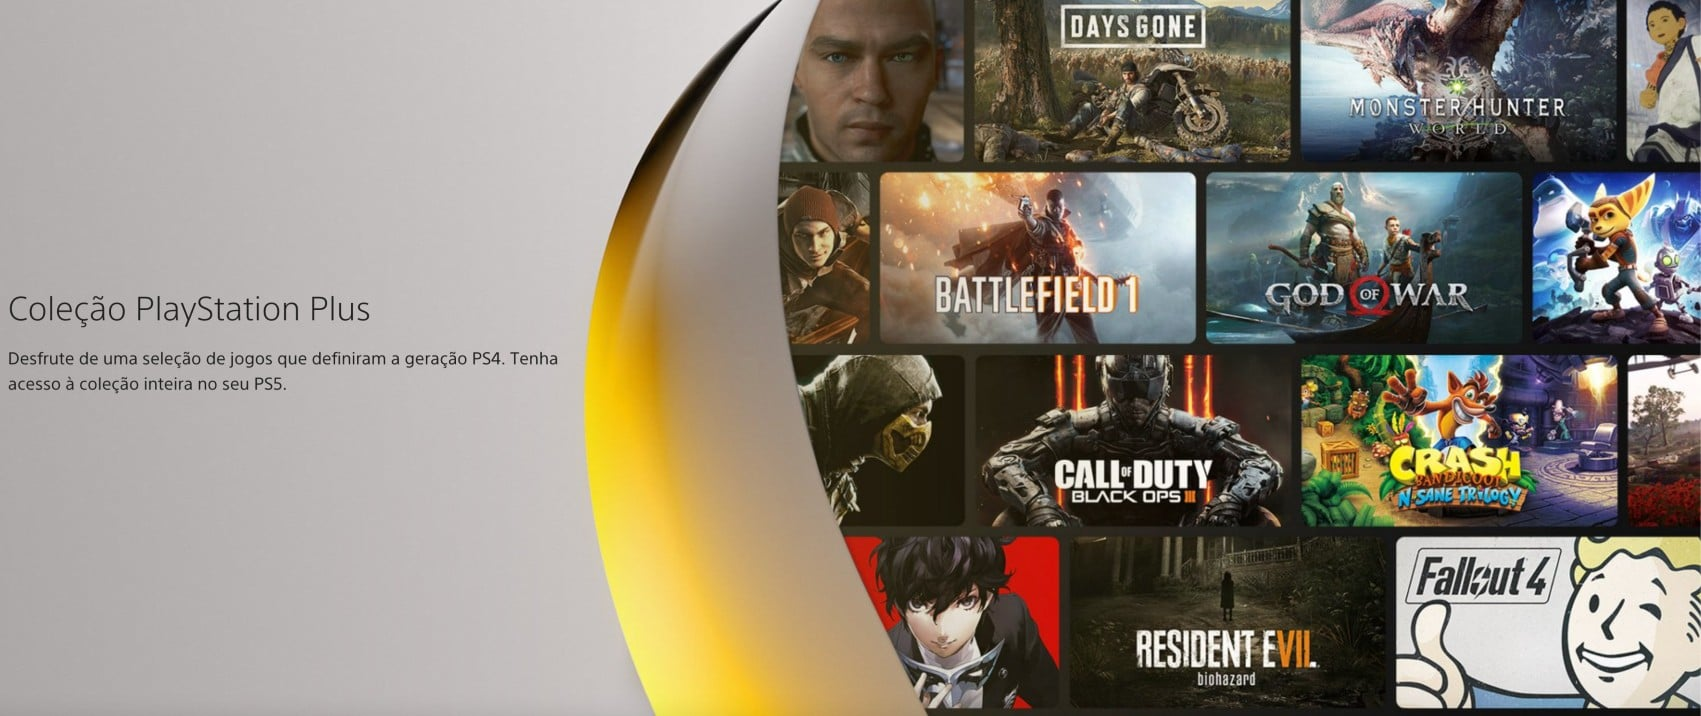 Diversas capas de jogos na Coleção PlayStation Plus